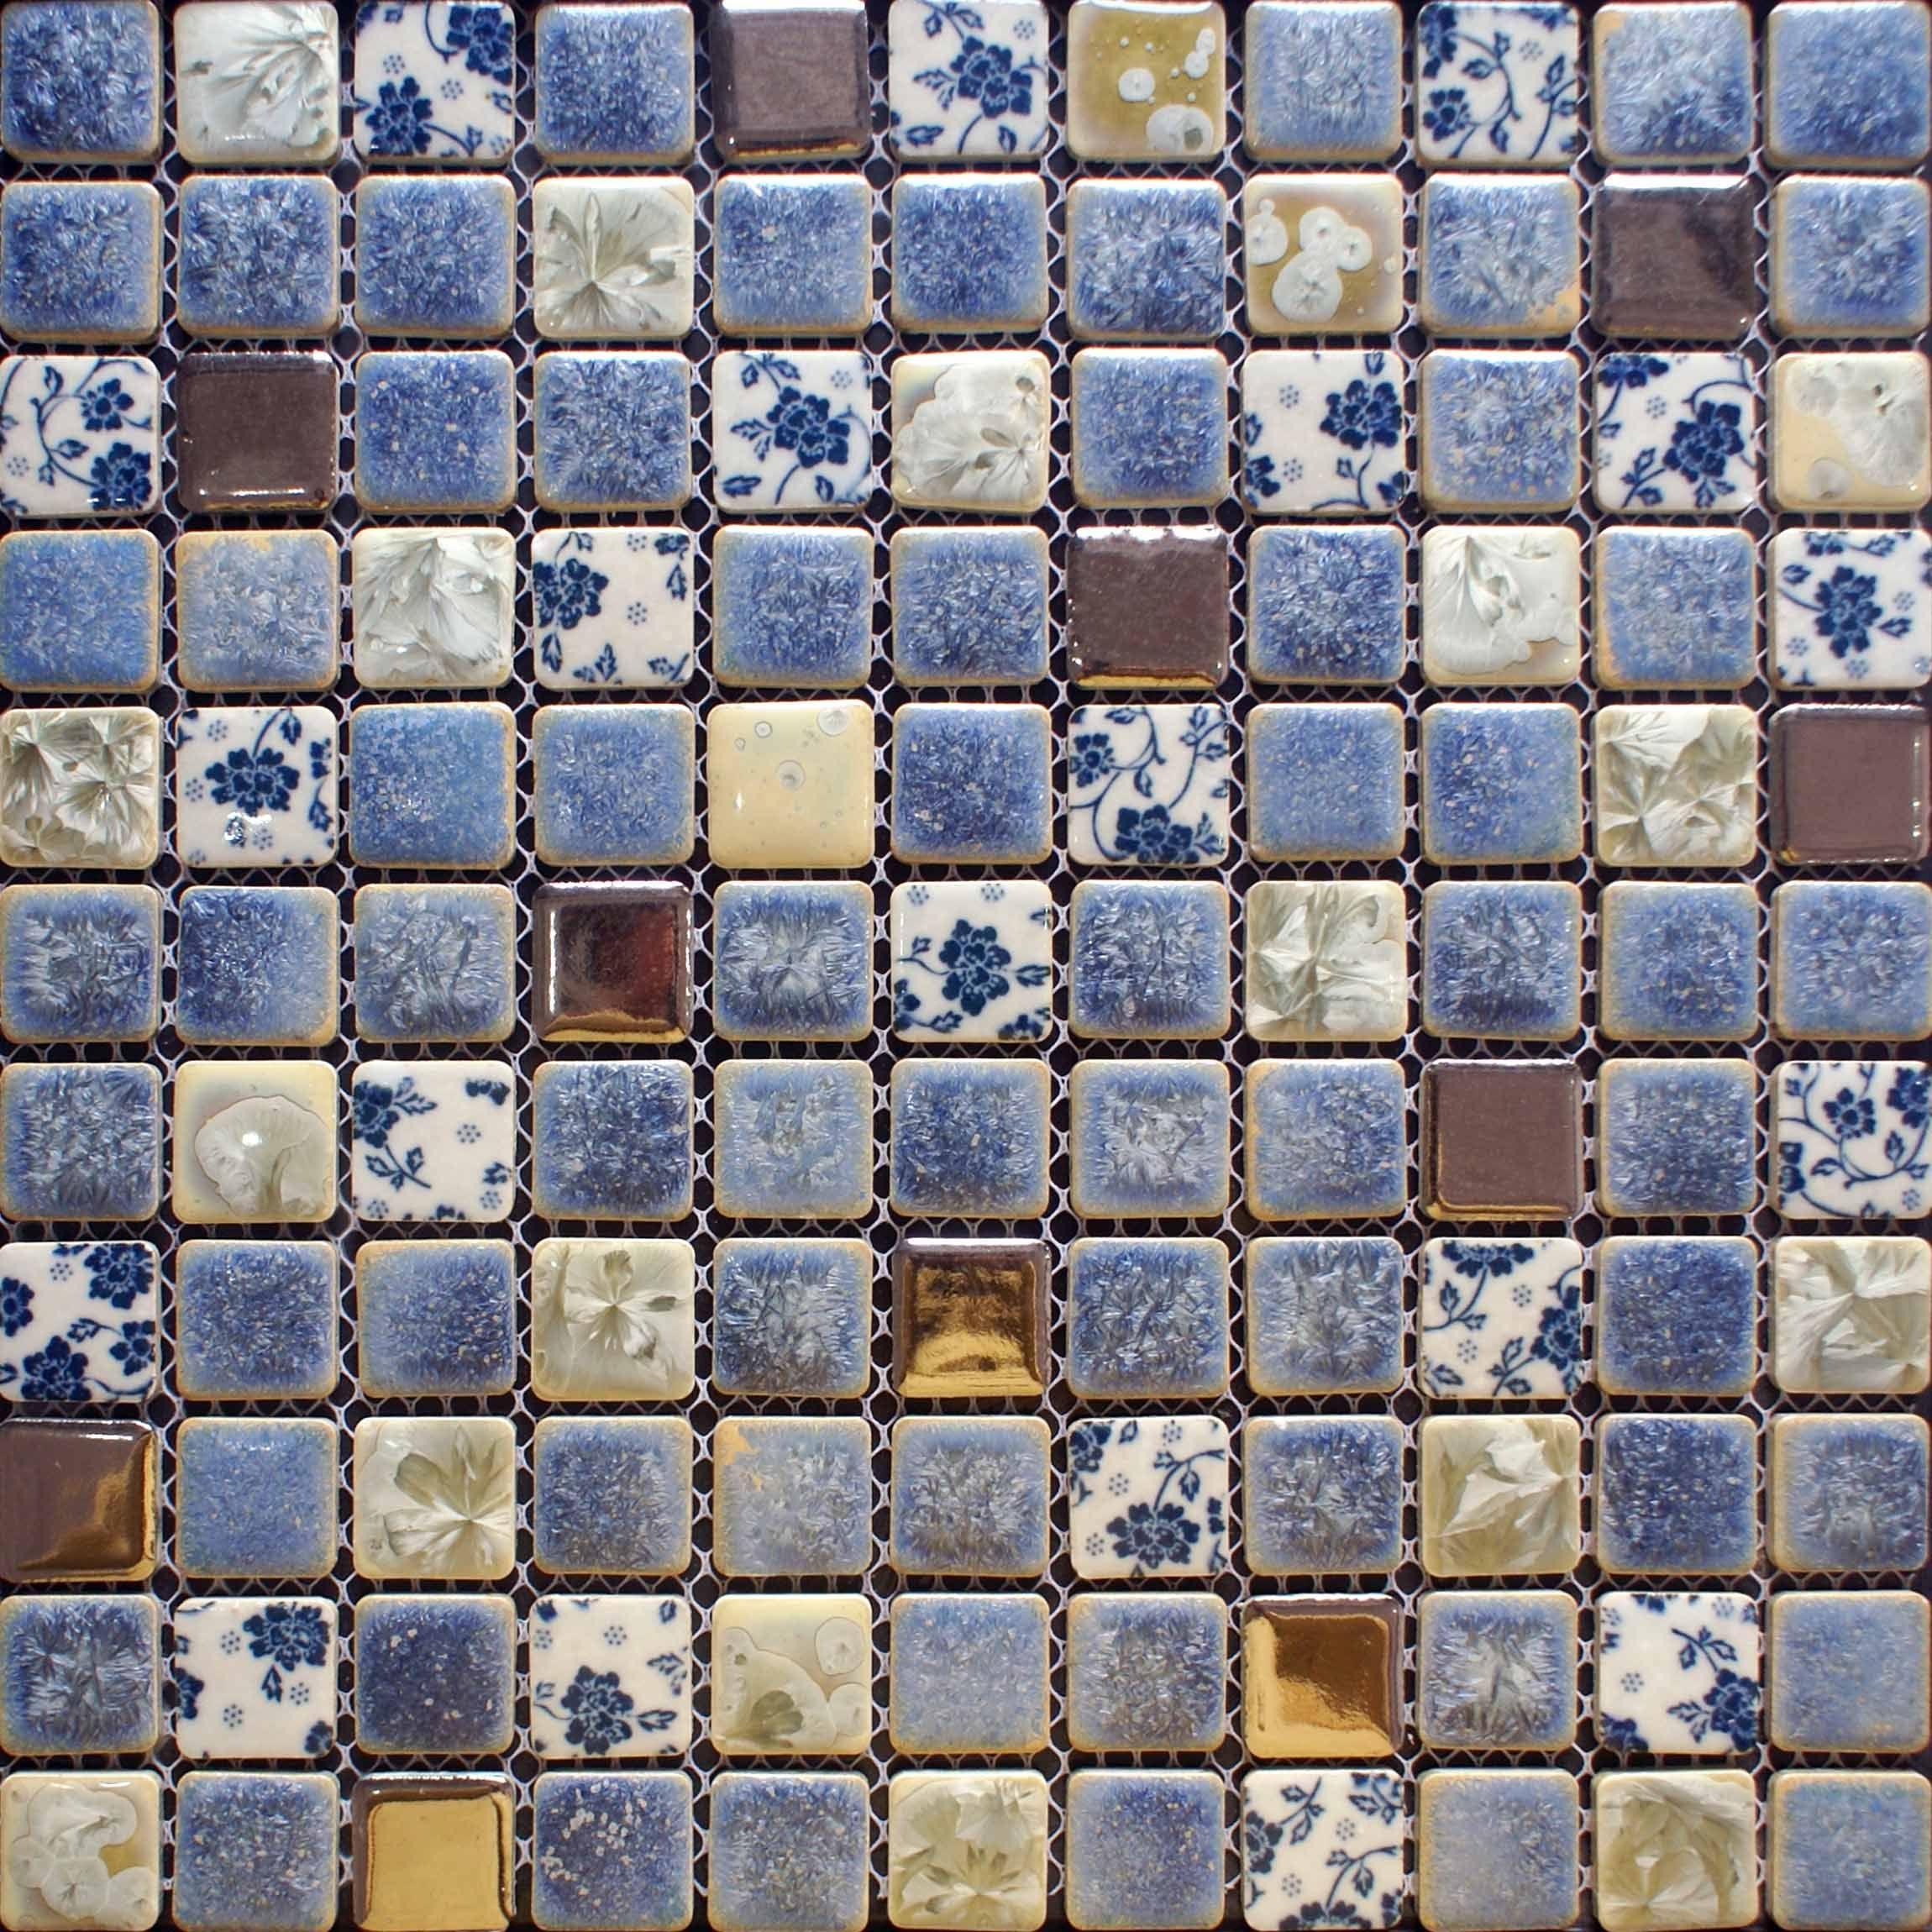 - Porcelain Tile Backsplash Kitchen For Walls Blue And White Glazed